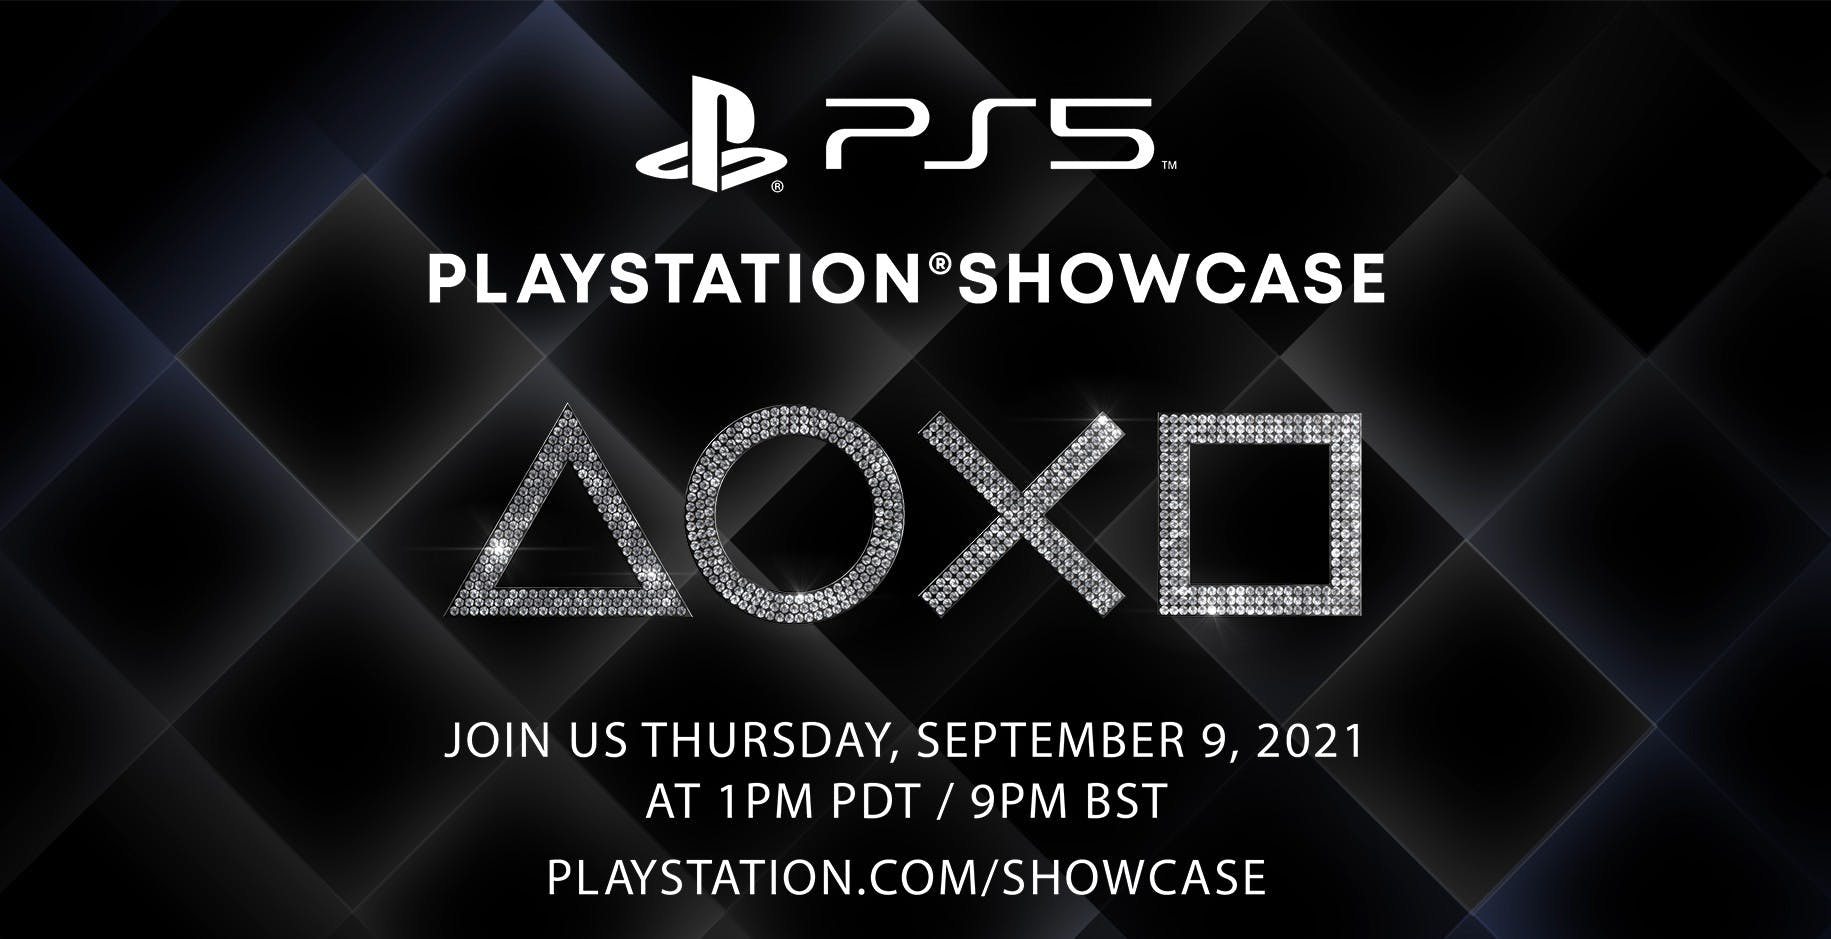 Nuovo evento PlayStation il 9 settembre: cosa aspettarsi e cosa no